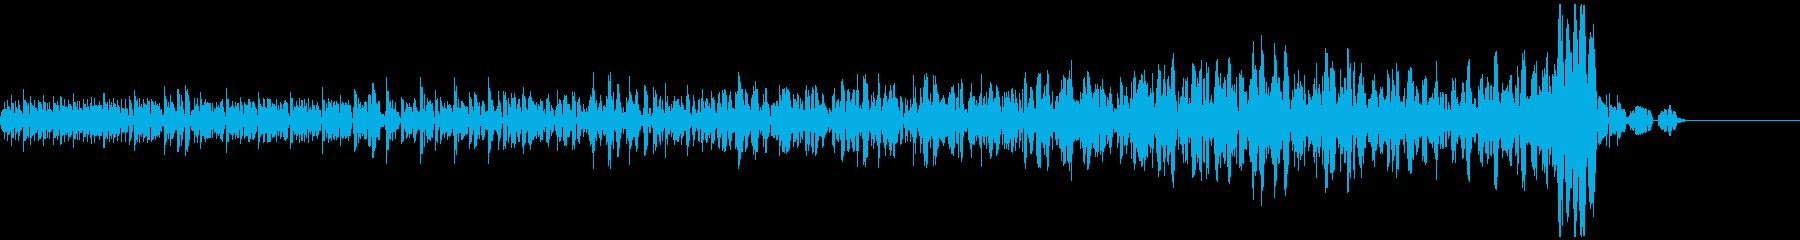 ブ~ン(時を止める瞬間の音)の再生済みの波形